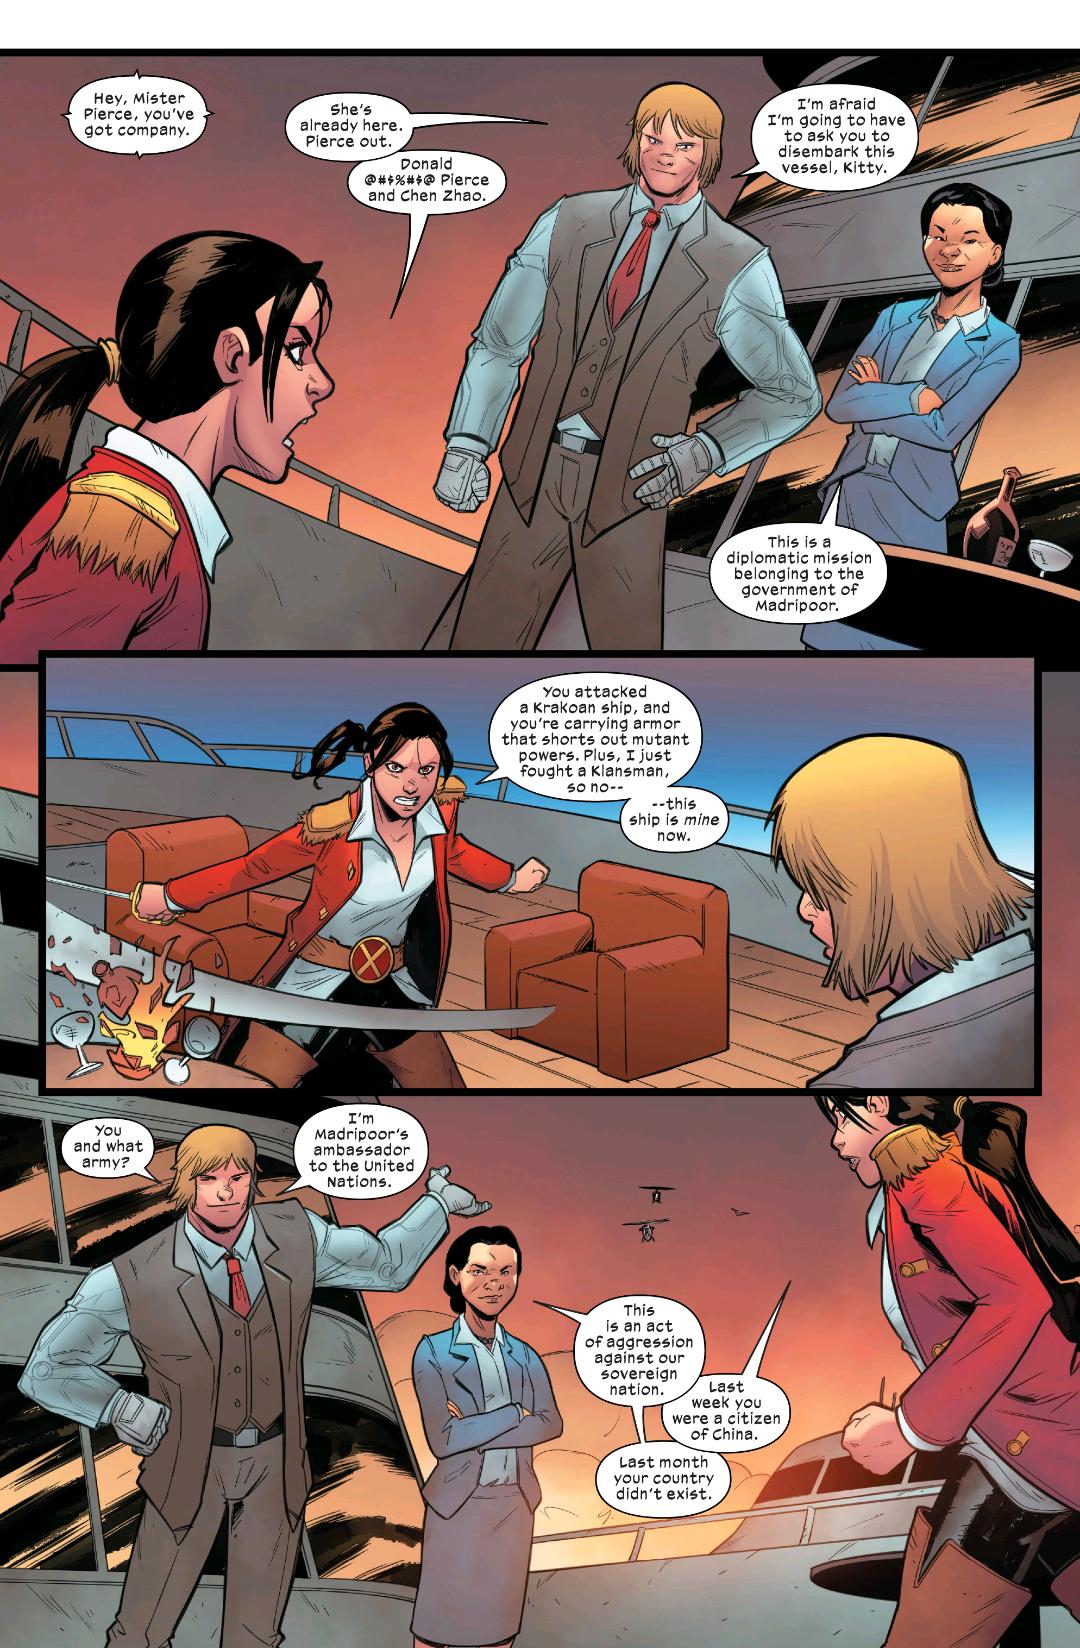 Marauders #6-Marvel 2020